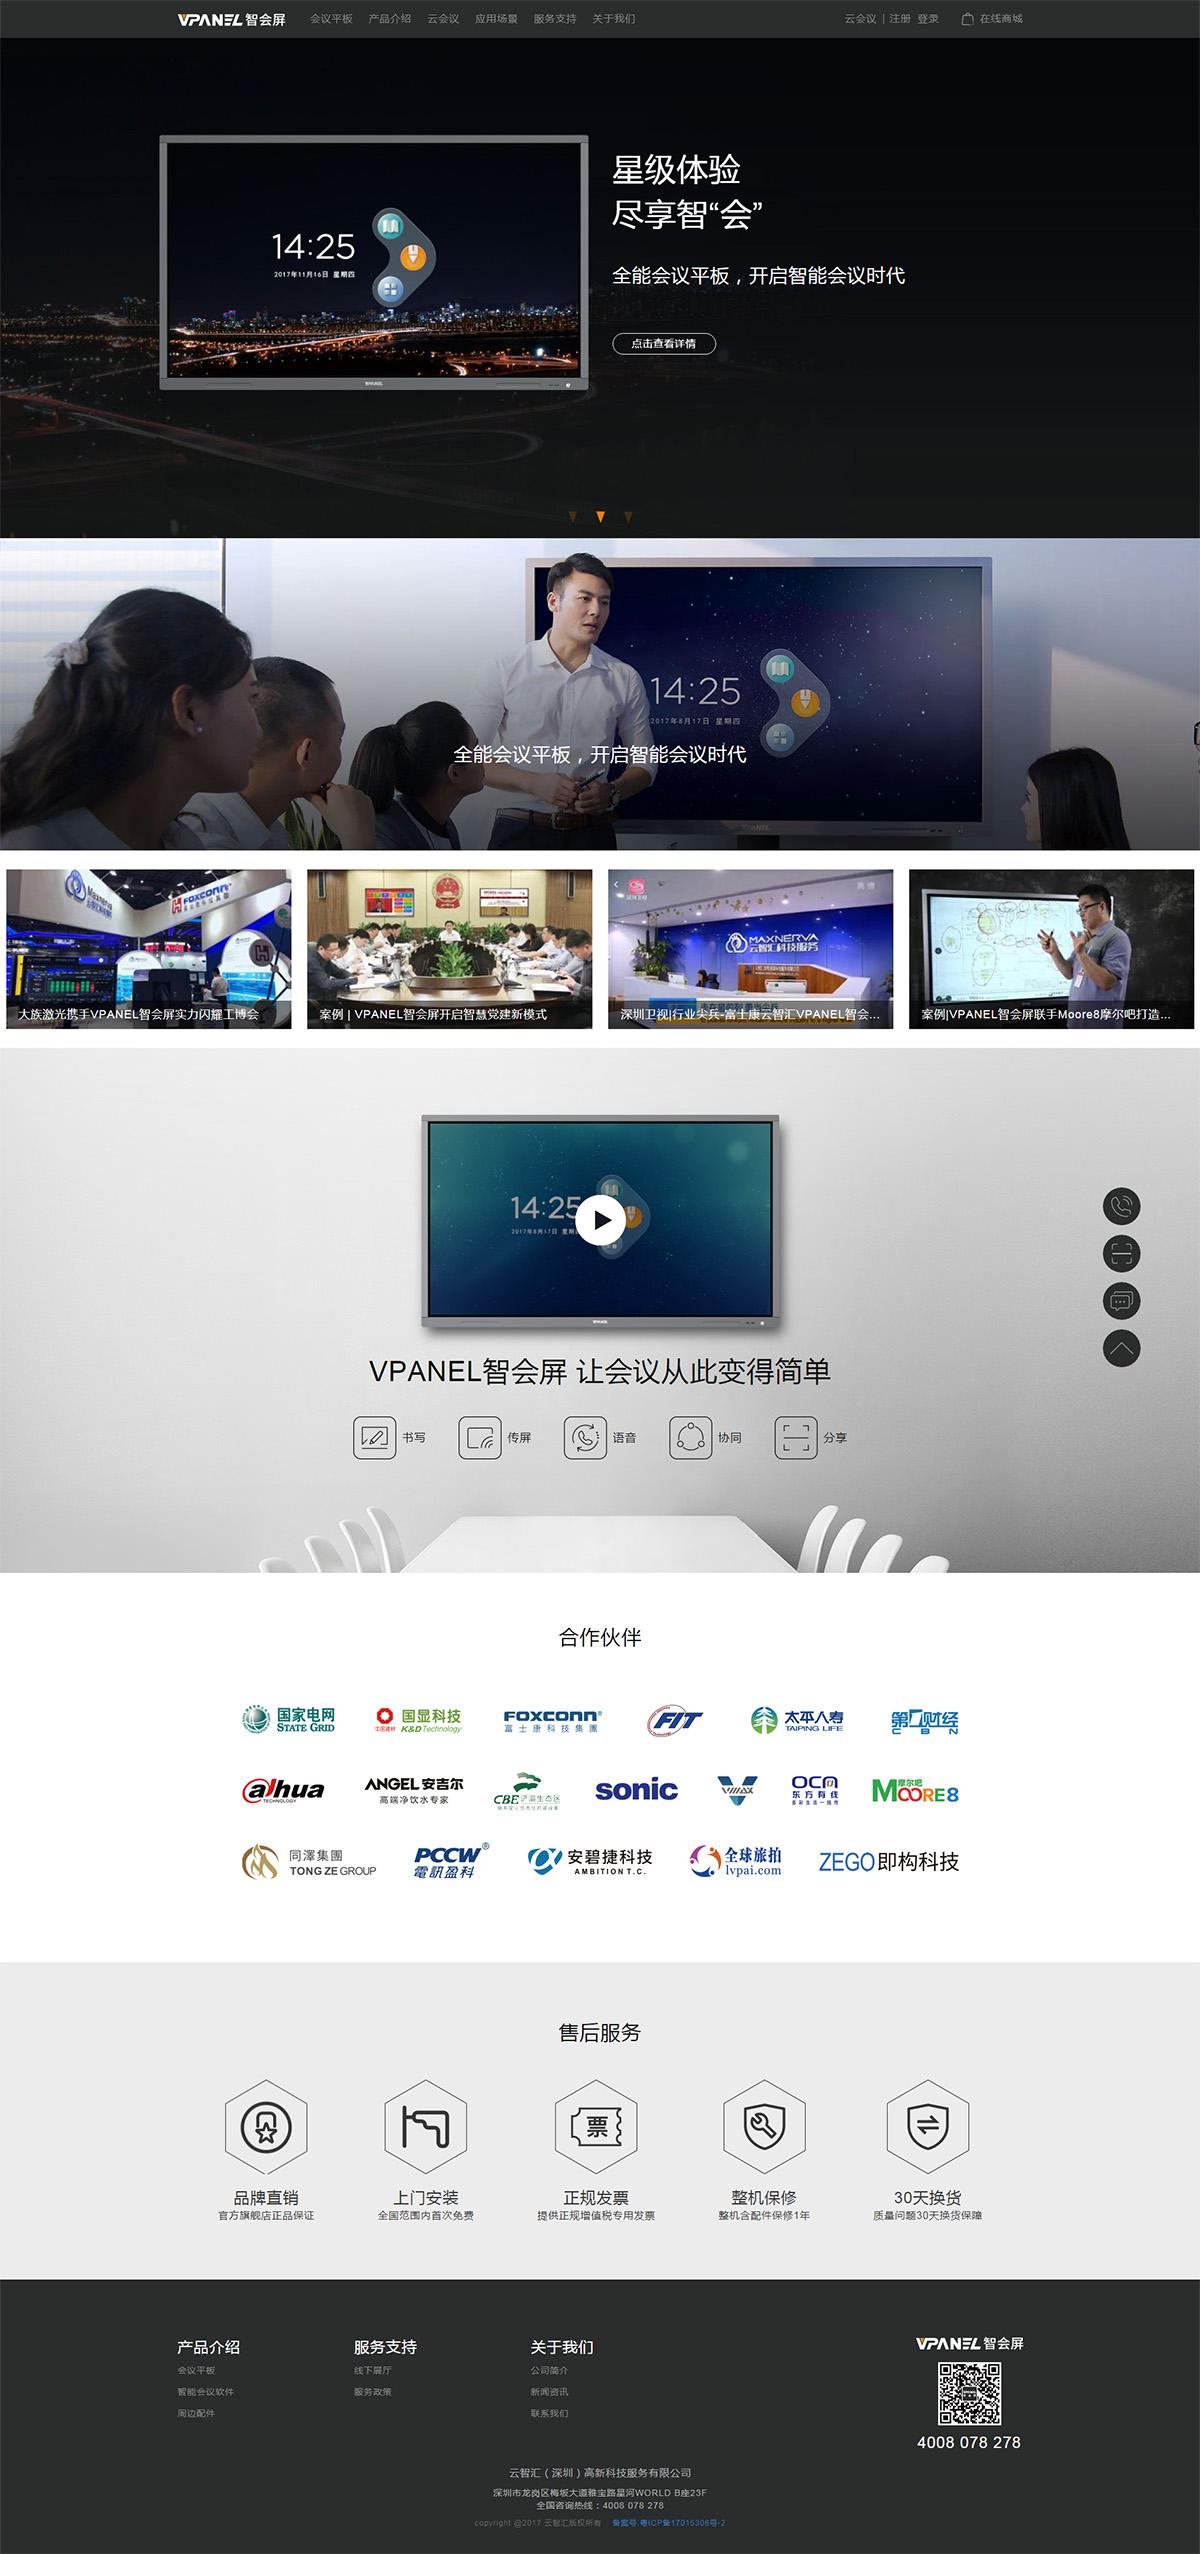 VPANEL会议平板网站案例